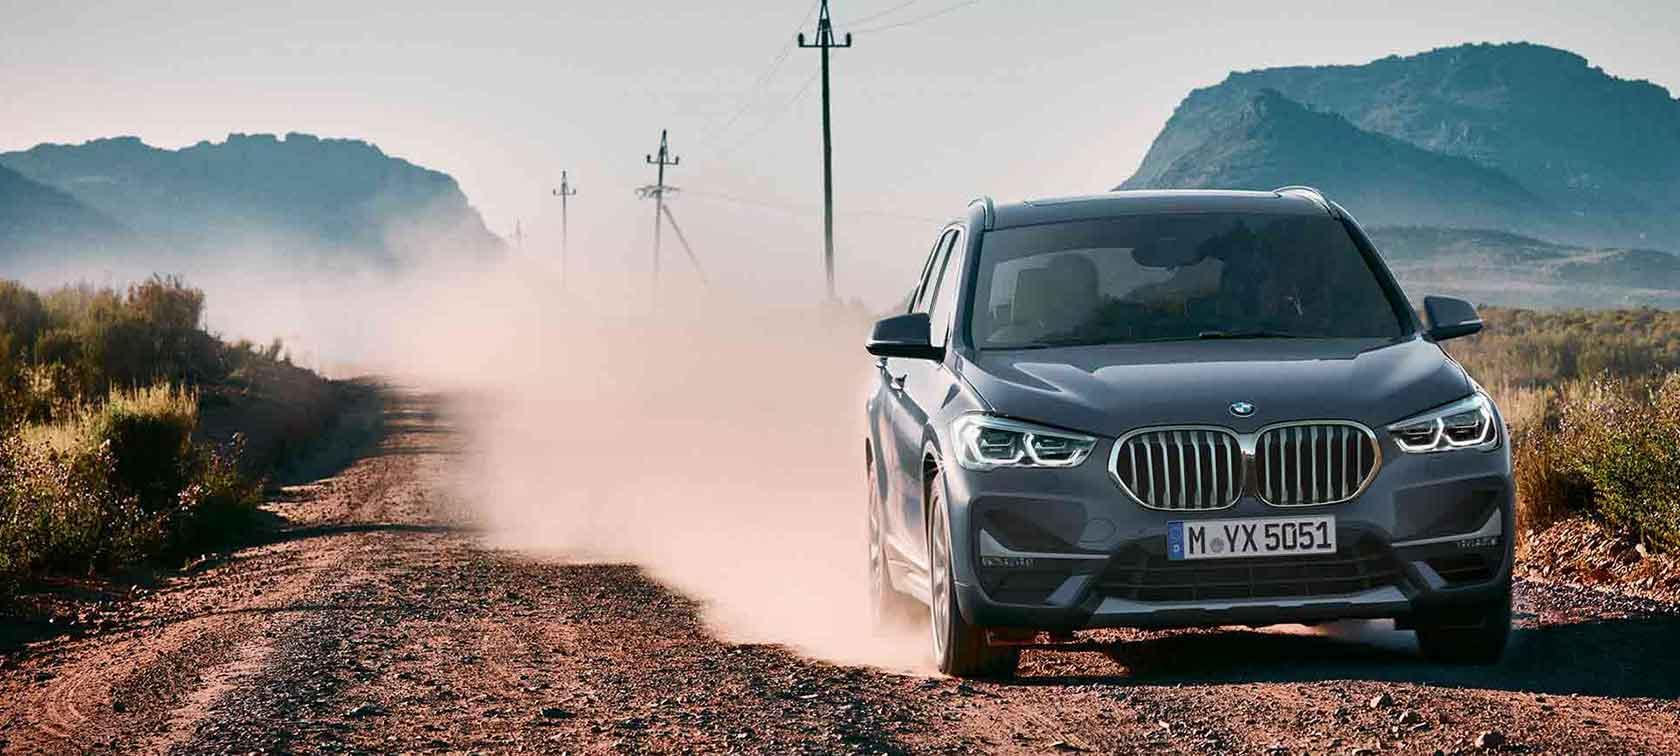 THE BMW X1